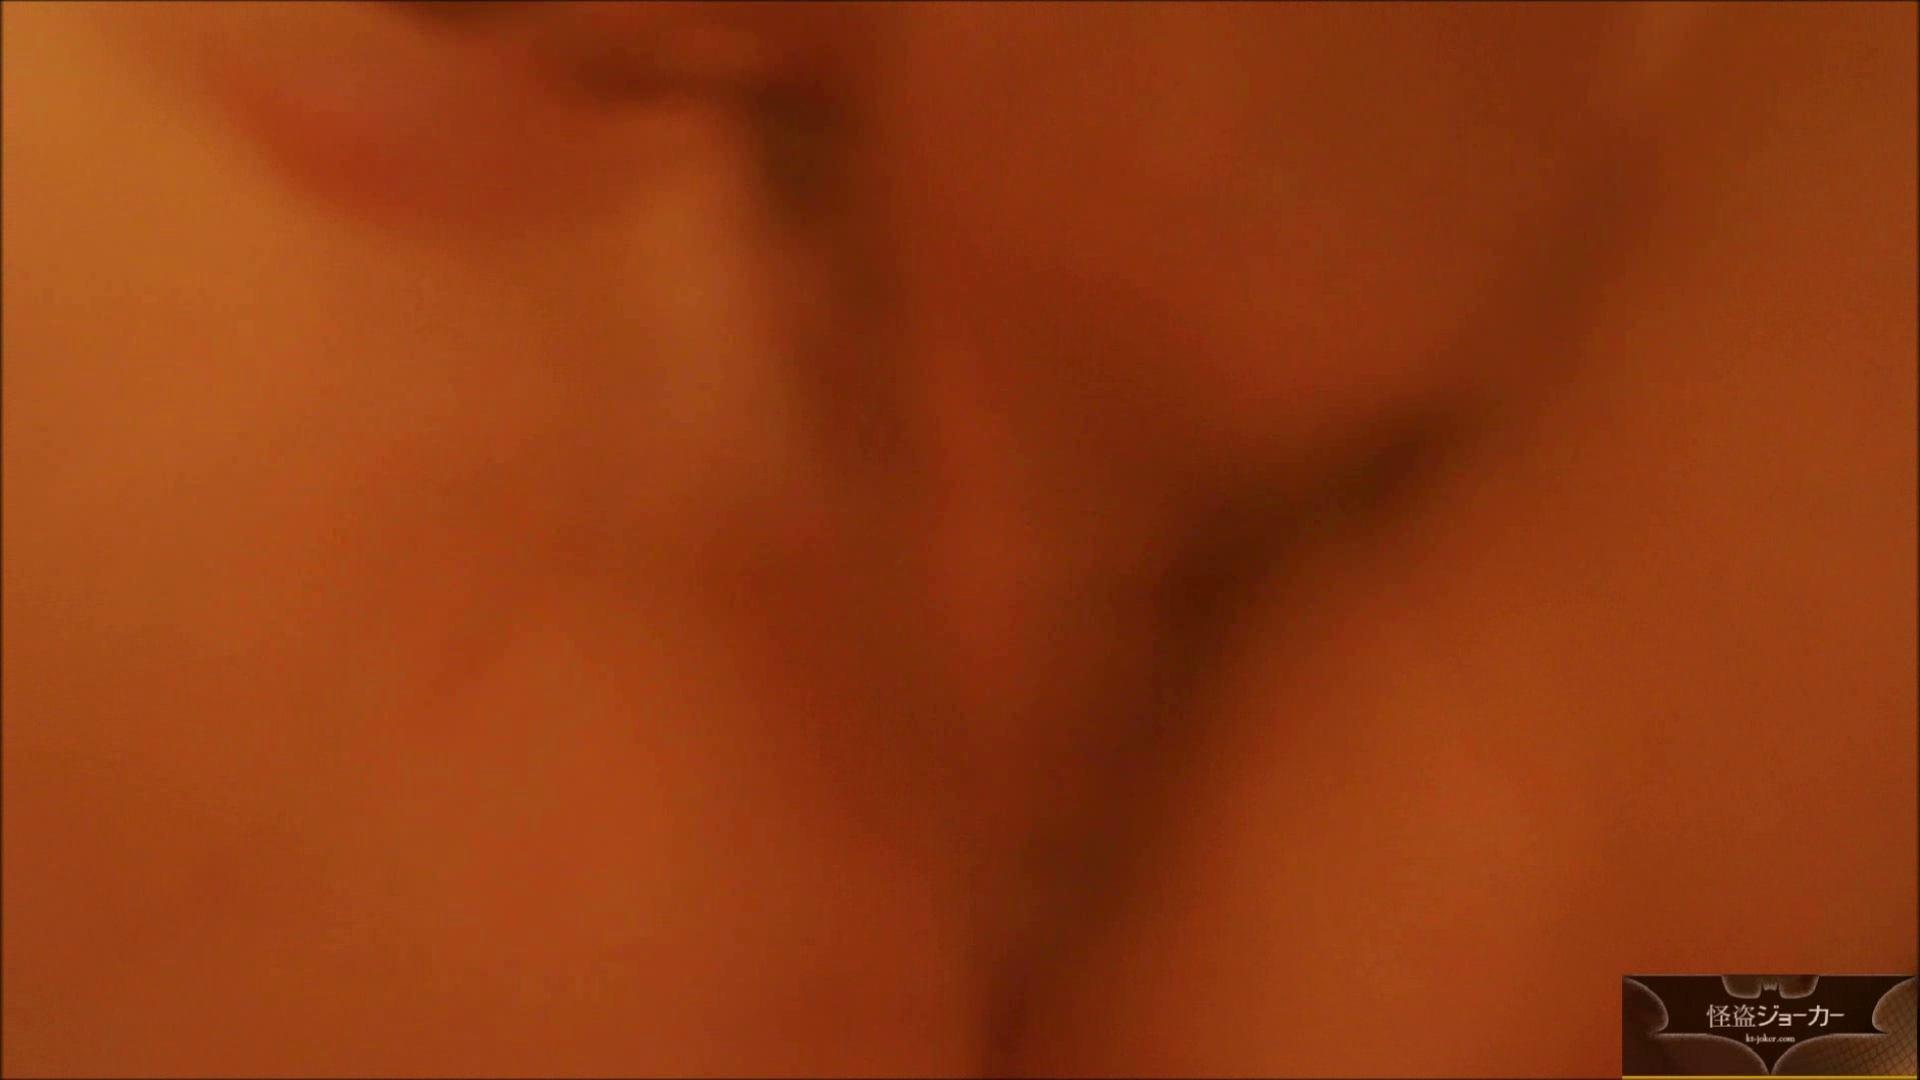 【未公開】vol.36 【援助】鏡越しの朋葉を見ながら・・・ エッチなOL | 0  102枚 93